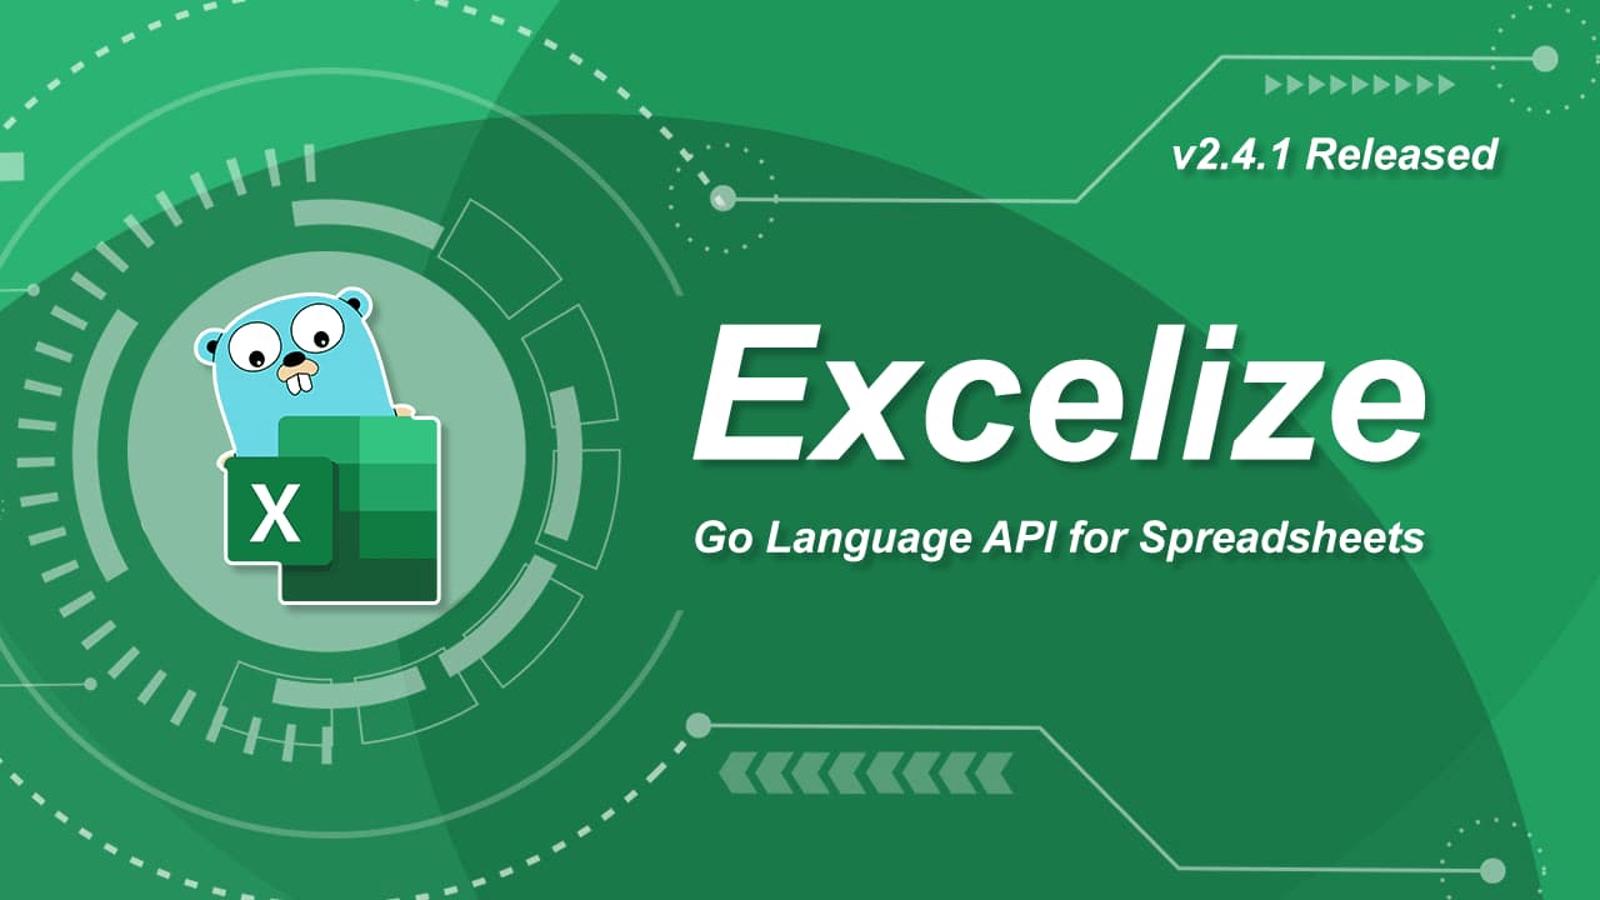 Go 言語スプレッドシートライブラリ:Excelize 2.4.1 がリリースされました